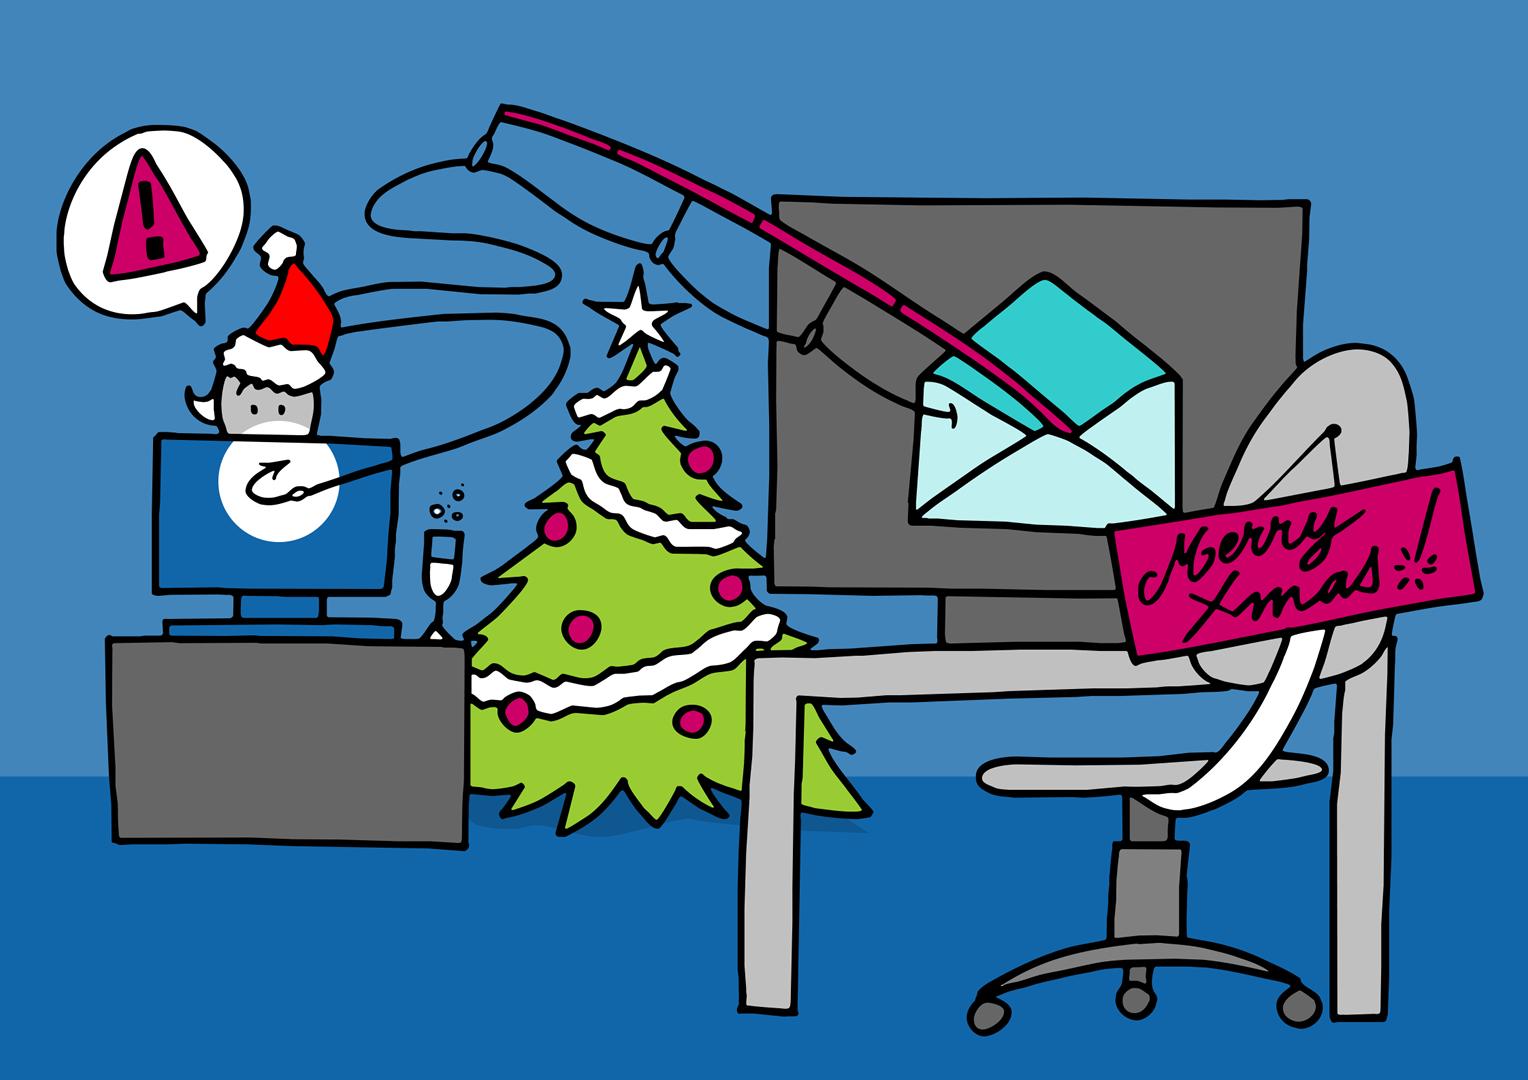 Phishing, slamming et autres e-mails frauduleux : redoublez de vigilance pendant les fêtes de fin d'année!